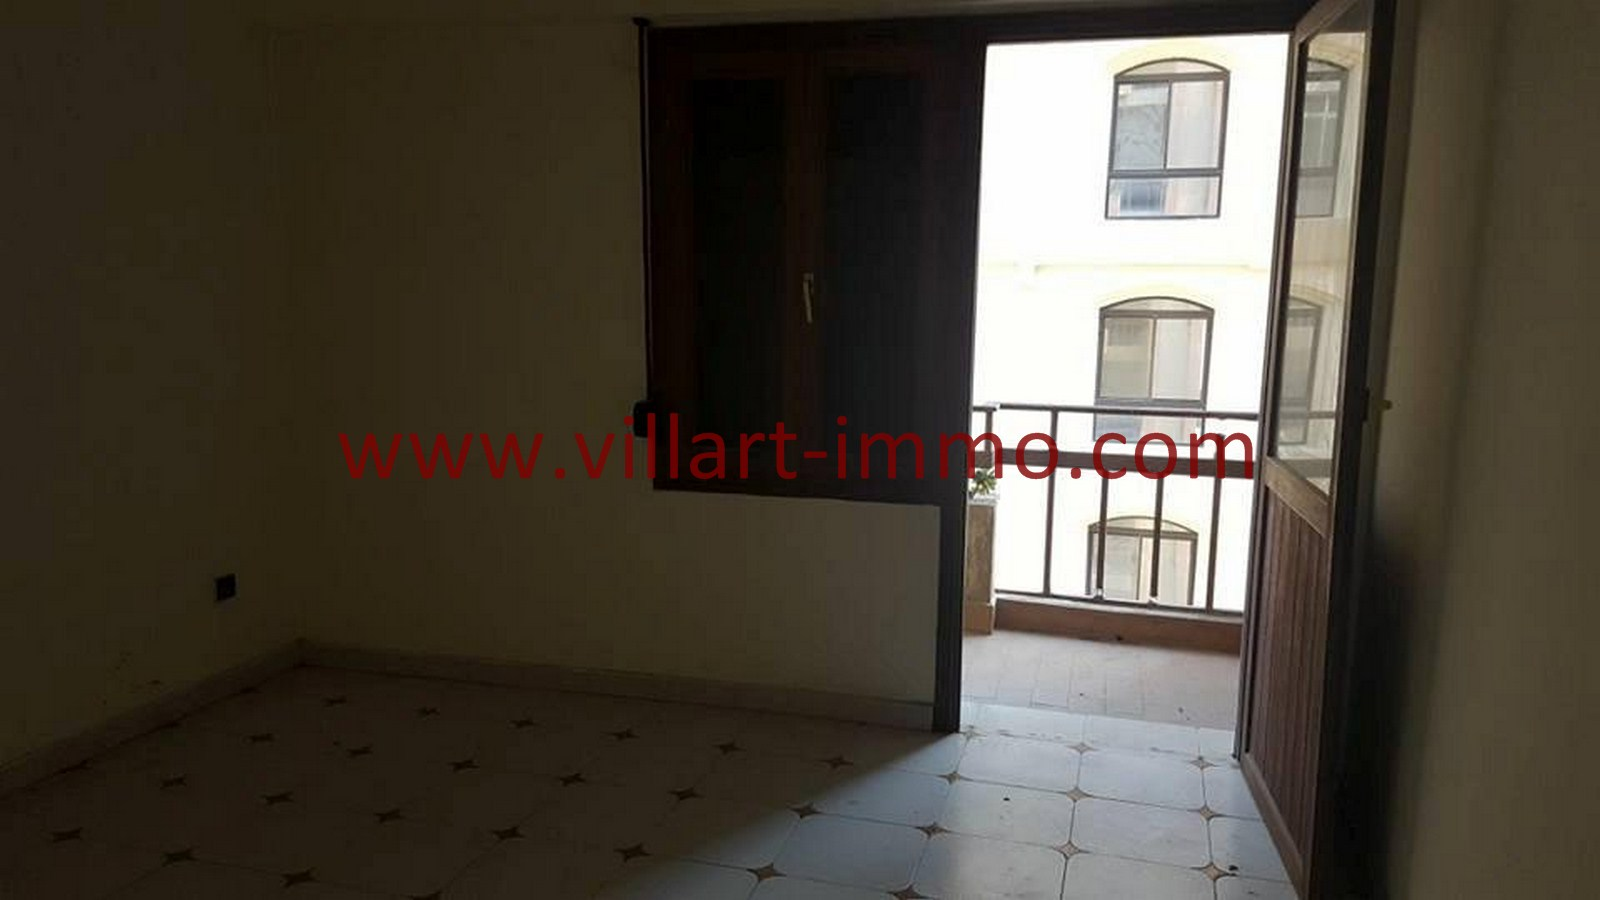 4-Vente-Appartement-Tanger-Centre-ville-Chambre à coucher-VA488-Villart Immo